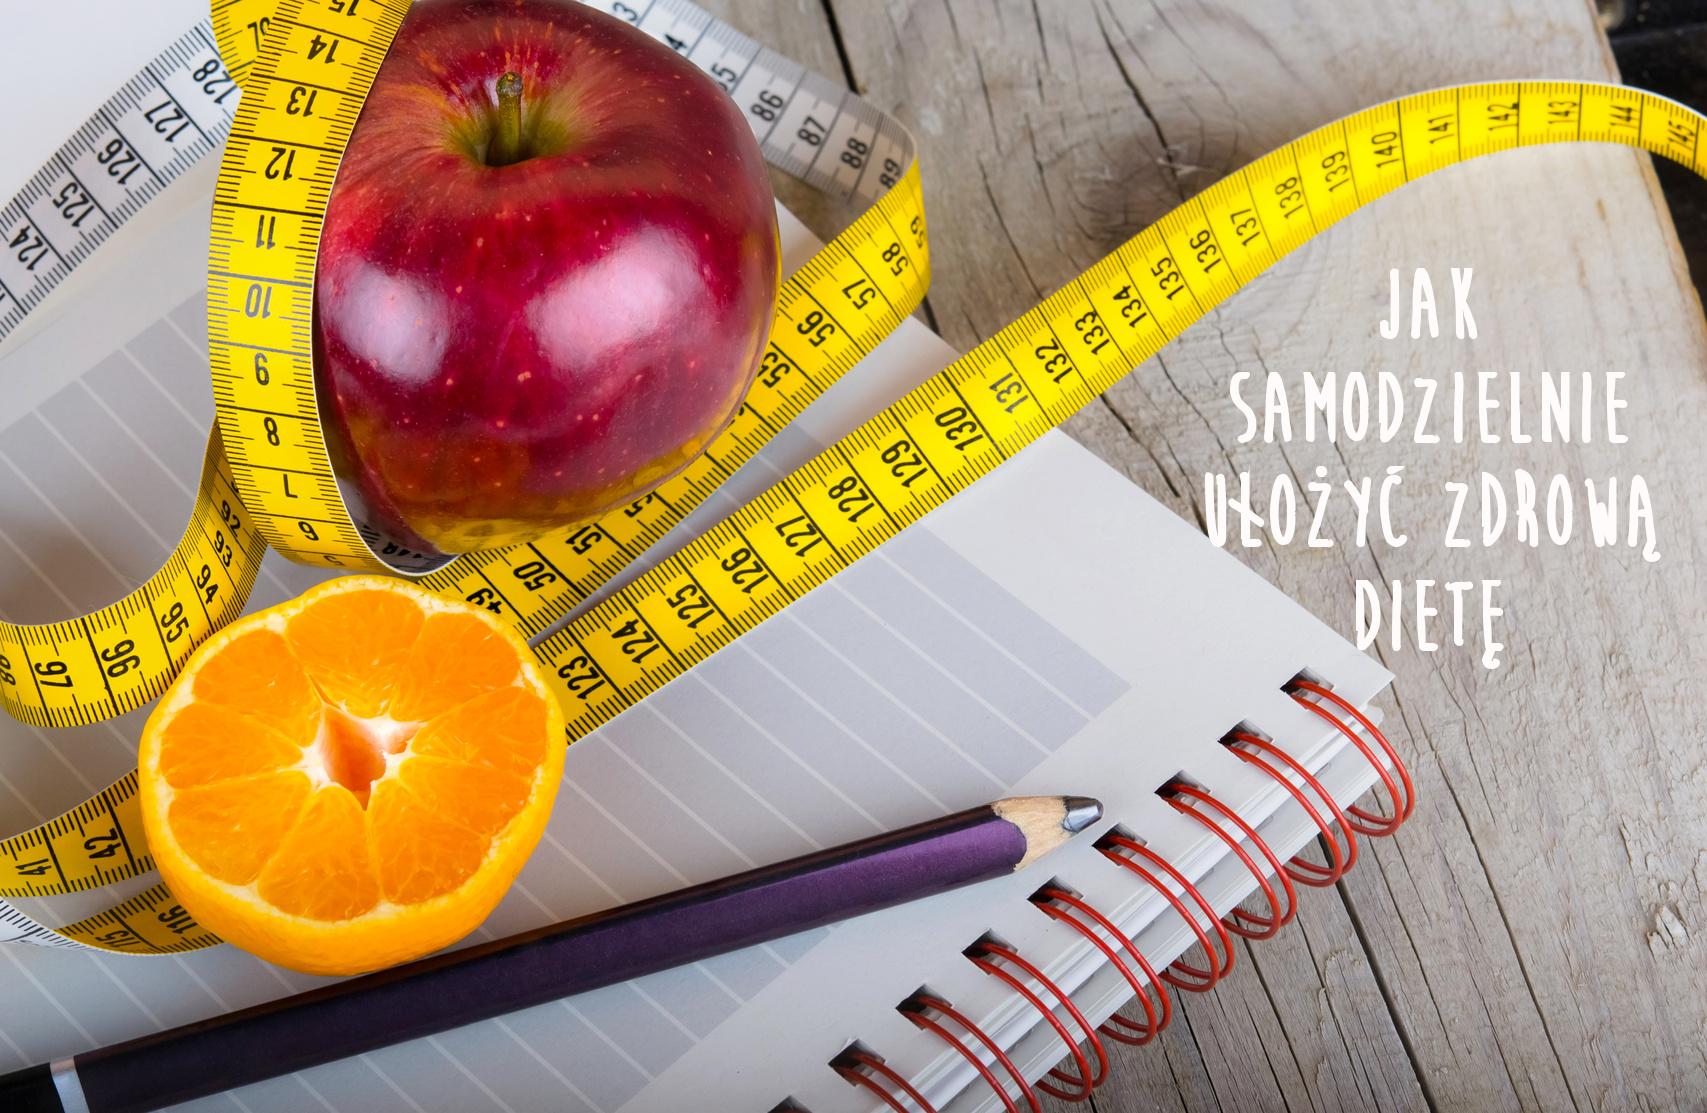 jak-samodzielnie-ulozyc-skuteczna-diete-z-moich-przepisow